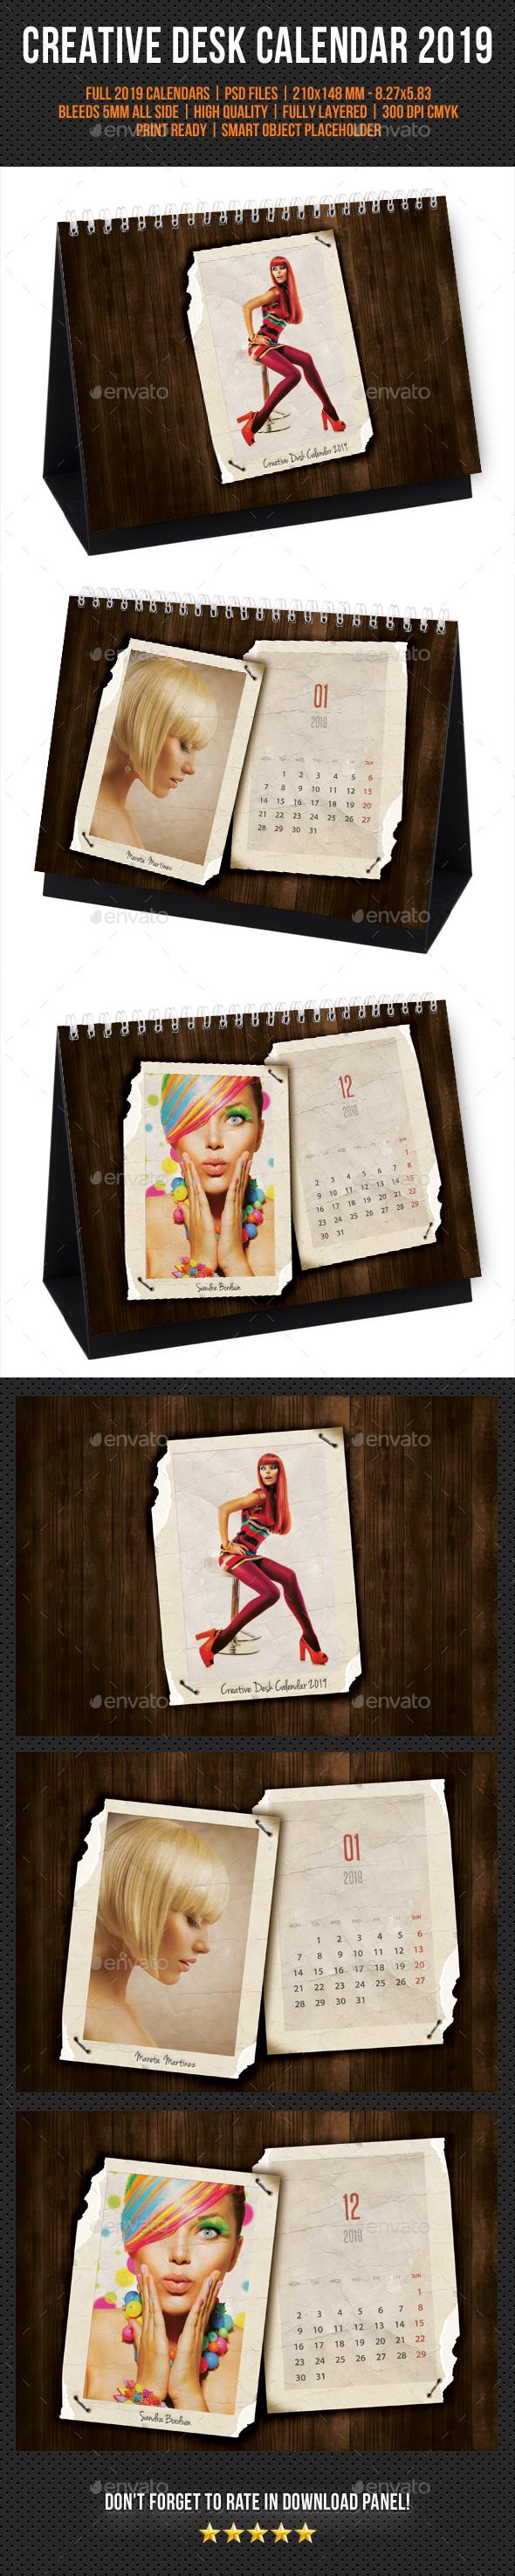 Creative Desk Calendar 2019 V32 - Calendars Stationery